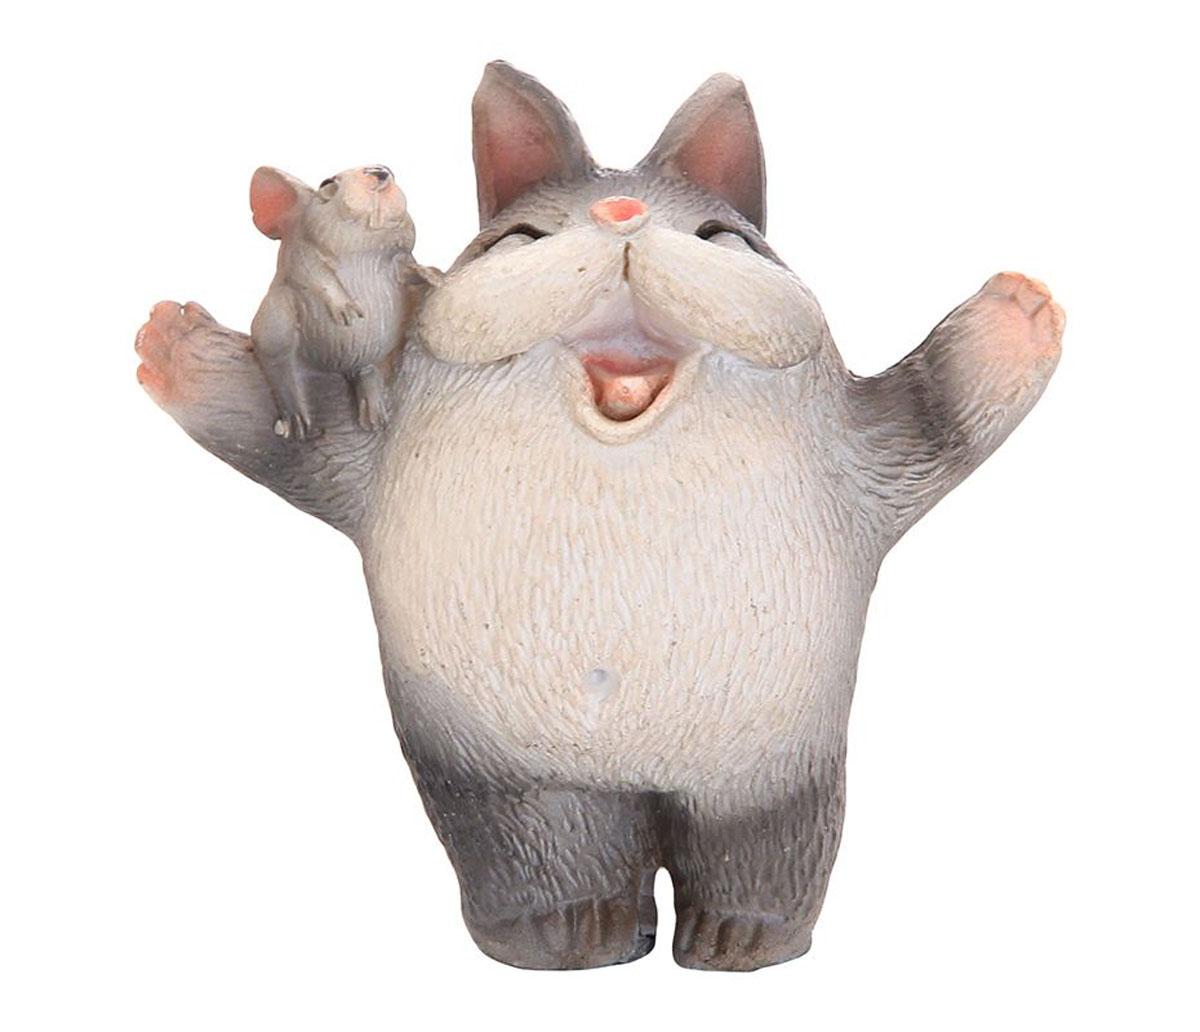 Фигурка декоративная Elan Gallery Эйфория, высота 5,5 см700026Декоративные фигурки с изображением забавных животных, станут прекрасным сувениром, которые вызовет улыбку и поднимет настроение. Фигурки выполнены из полистоуна.